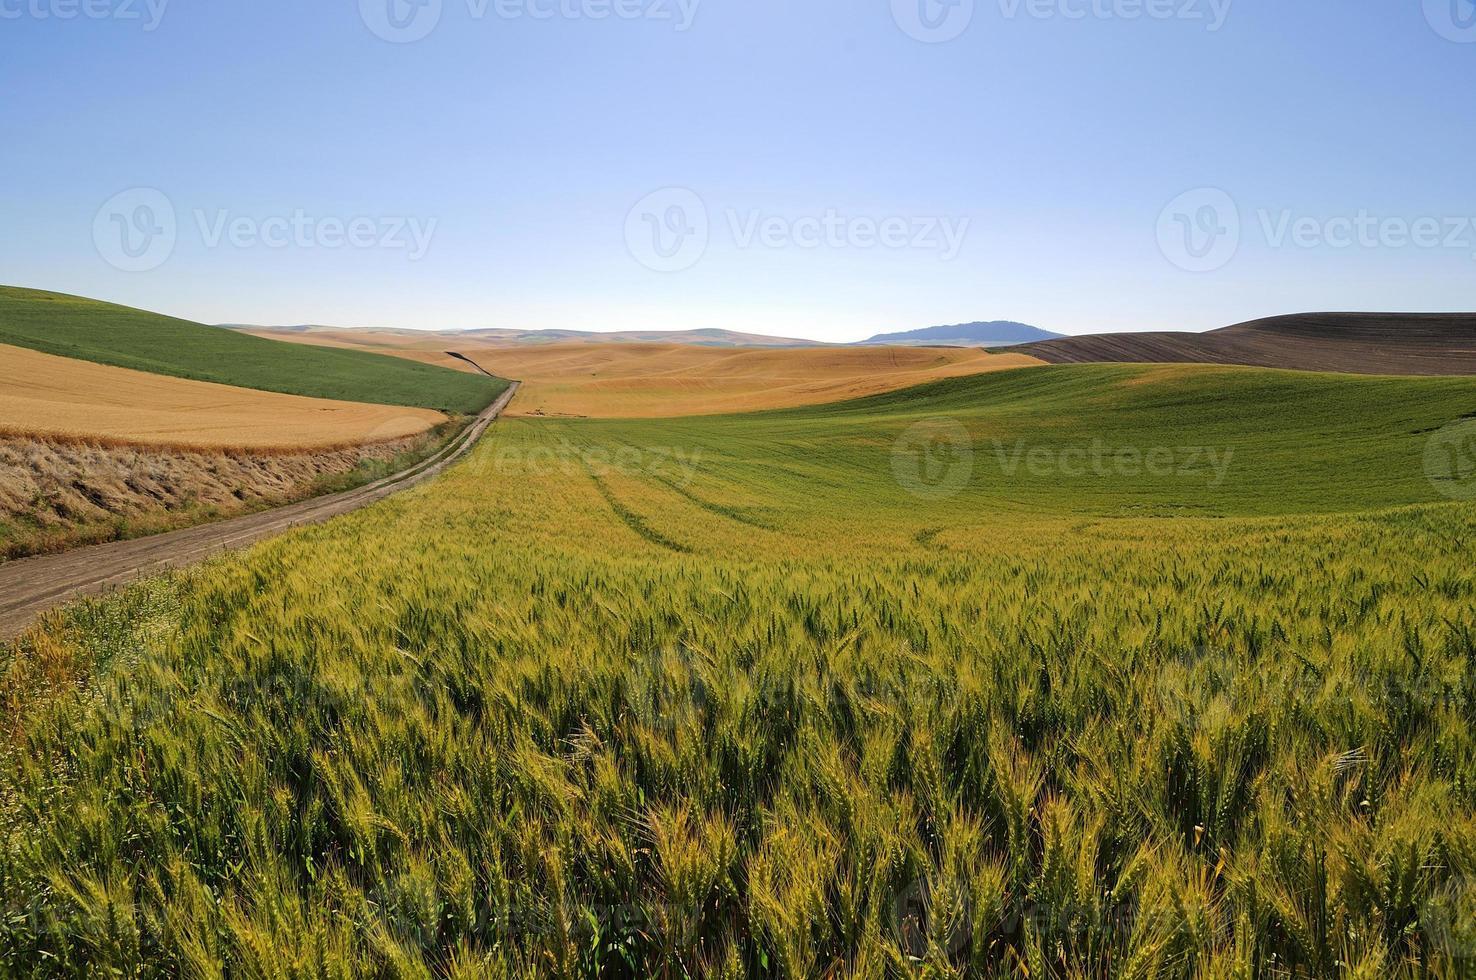 fält av vete, korn och sojabönor längs en landsväg foto